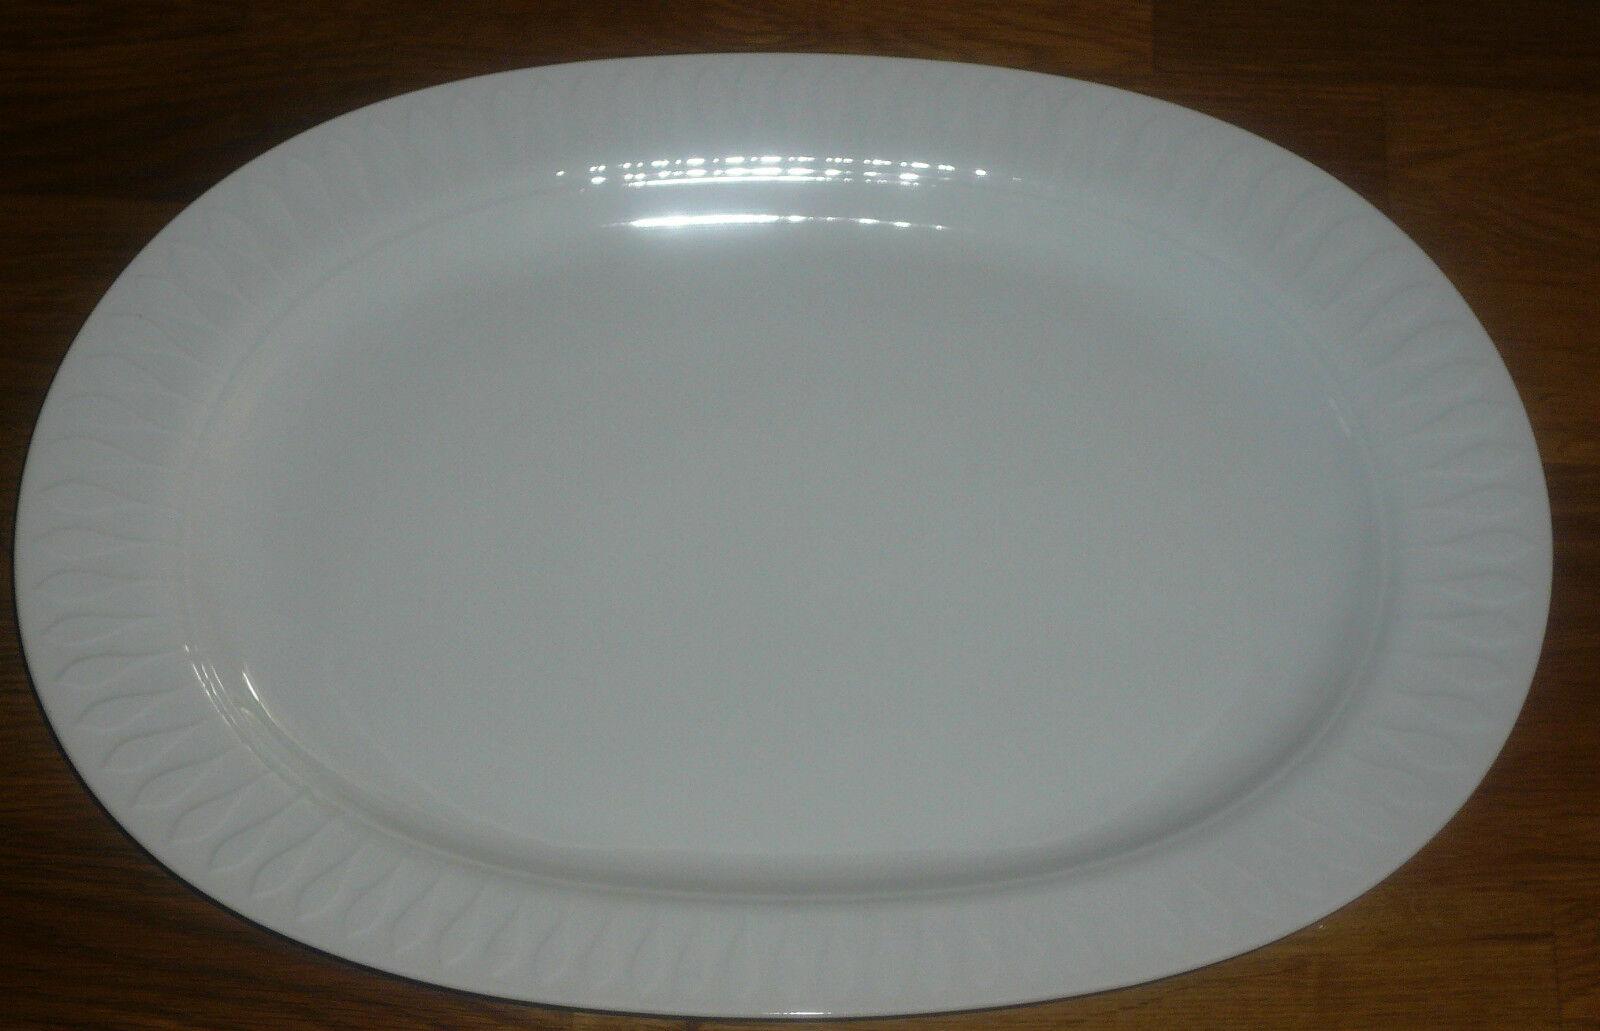 1 Servierplatte   Platte  33 33 33  cm   24 cm  Thomas  LANZETTE WEISS   | Vogue  534876